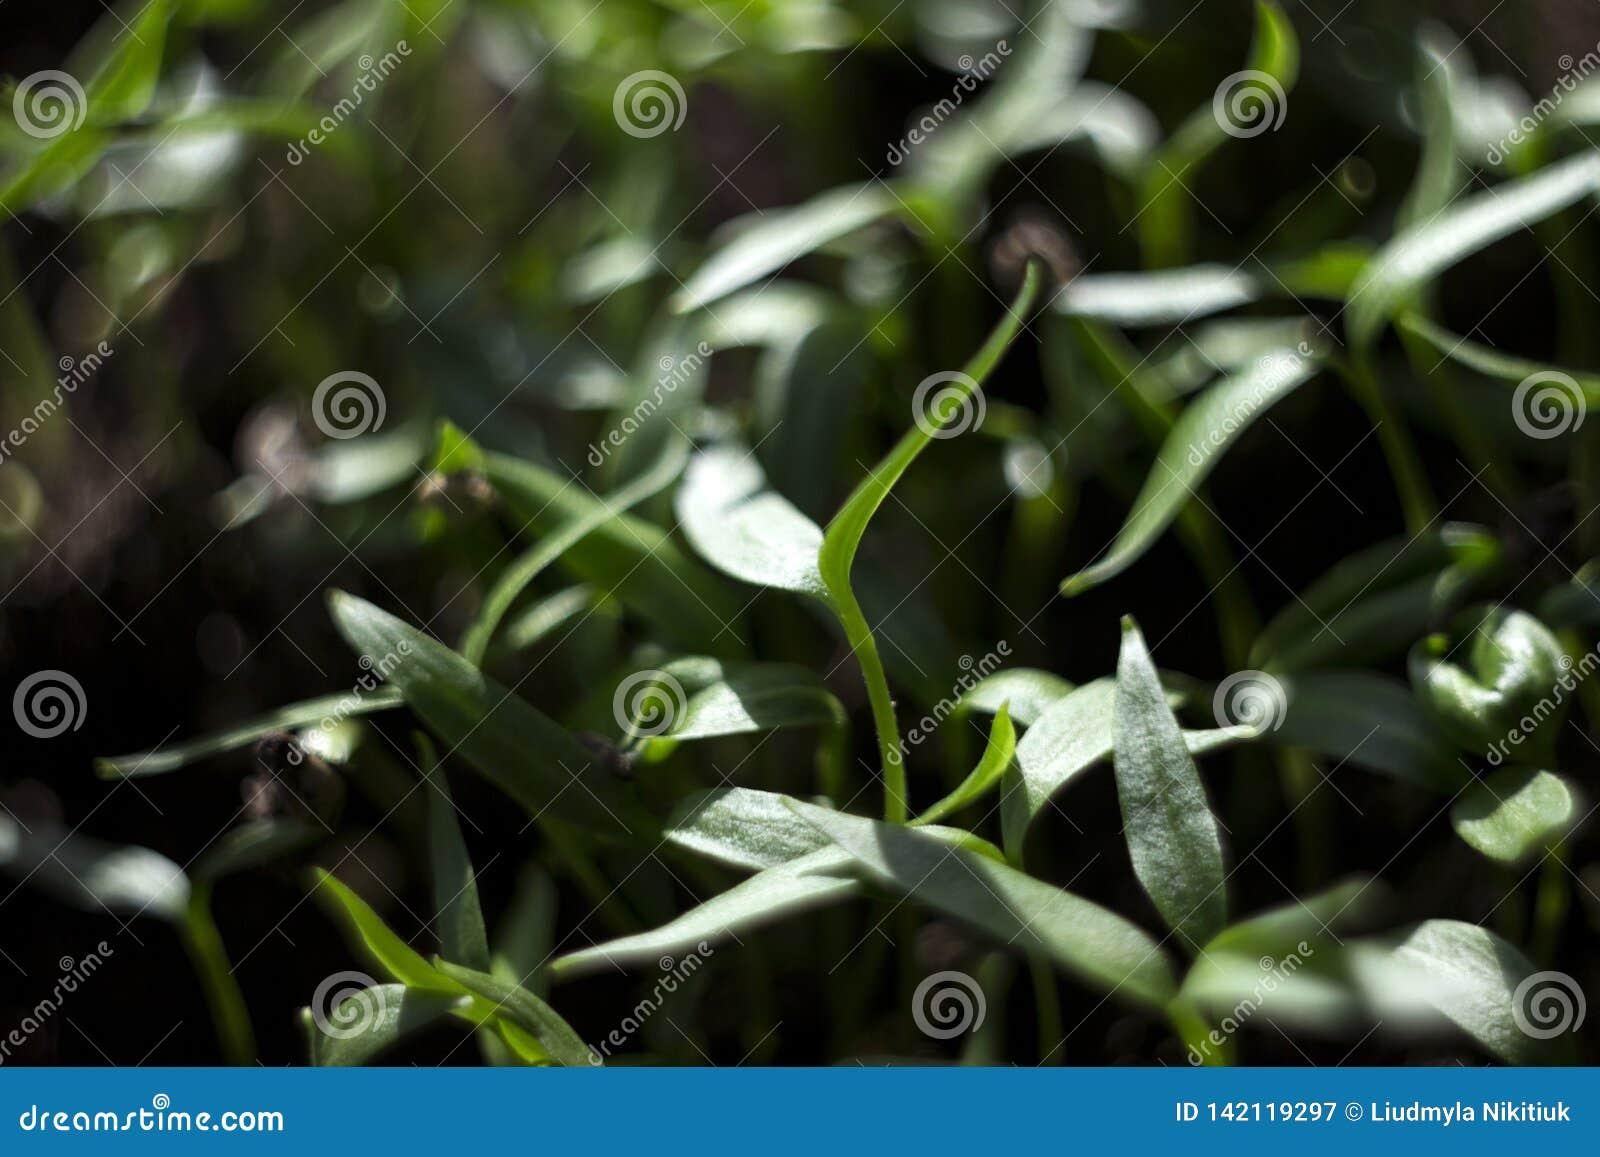 Jeunes plantes de poivre - jeune feuillage vert de poivre bulgare Jeunes plantes d usine de ressort, fond